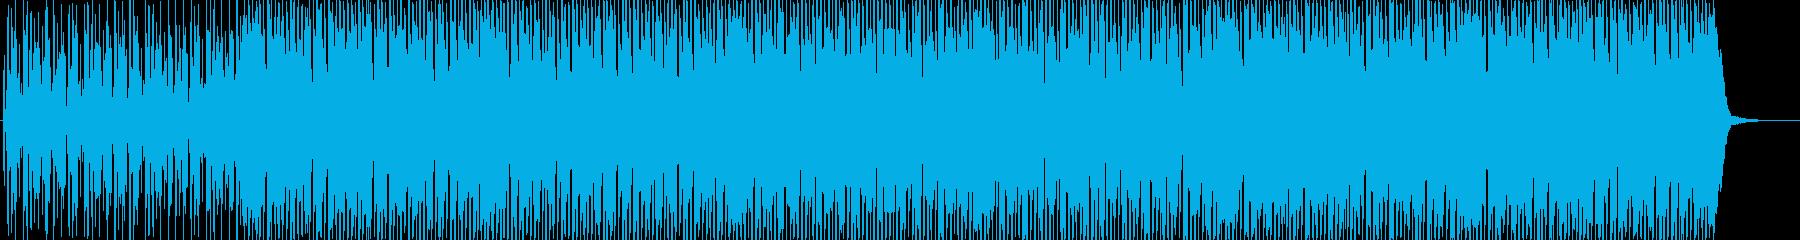 浮遊感のある4つ打ちHouseの再生済みの波形